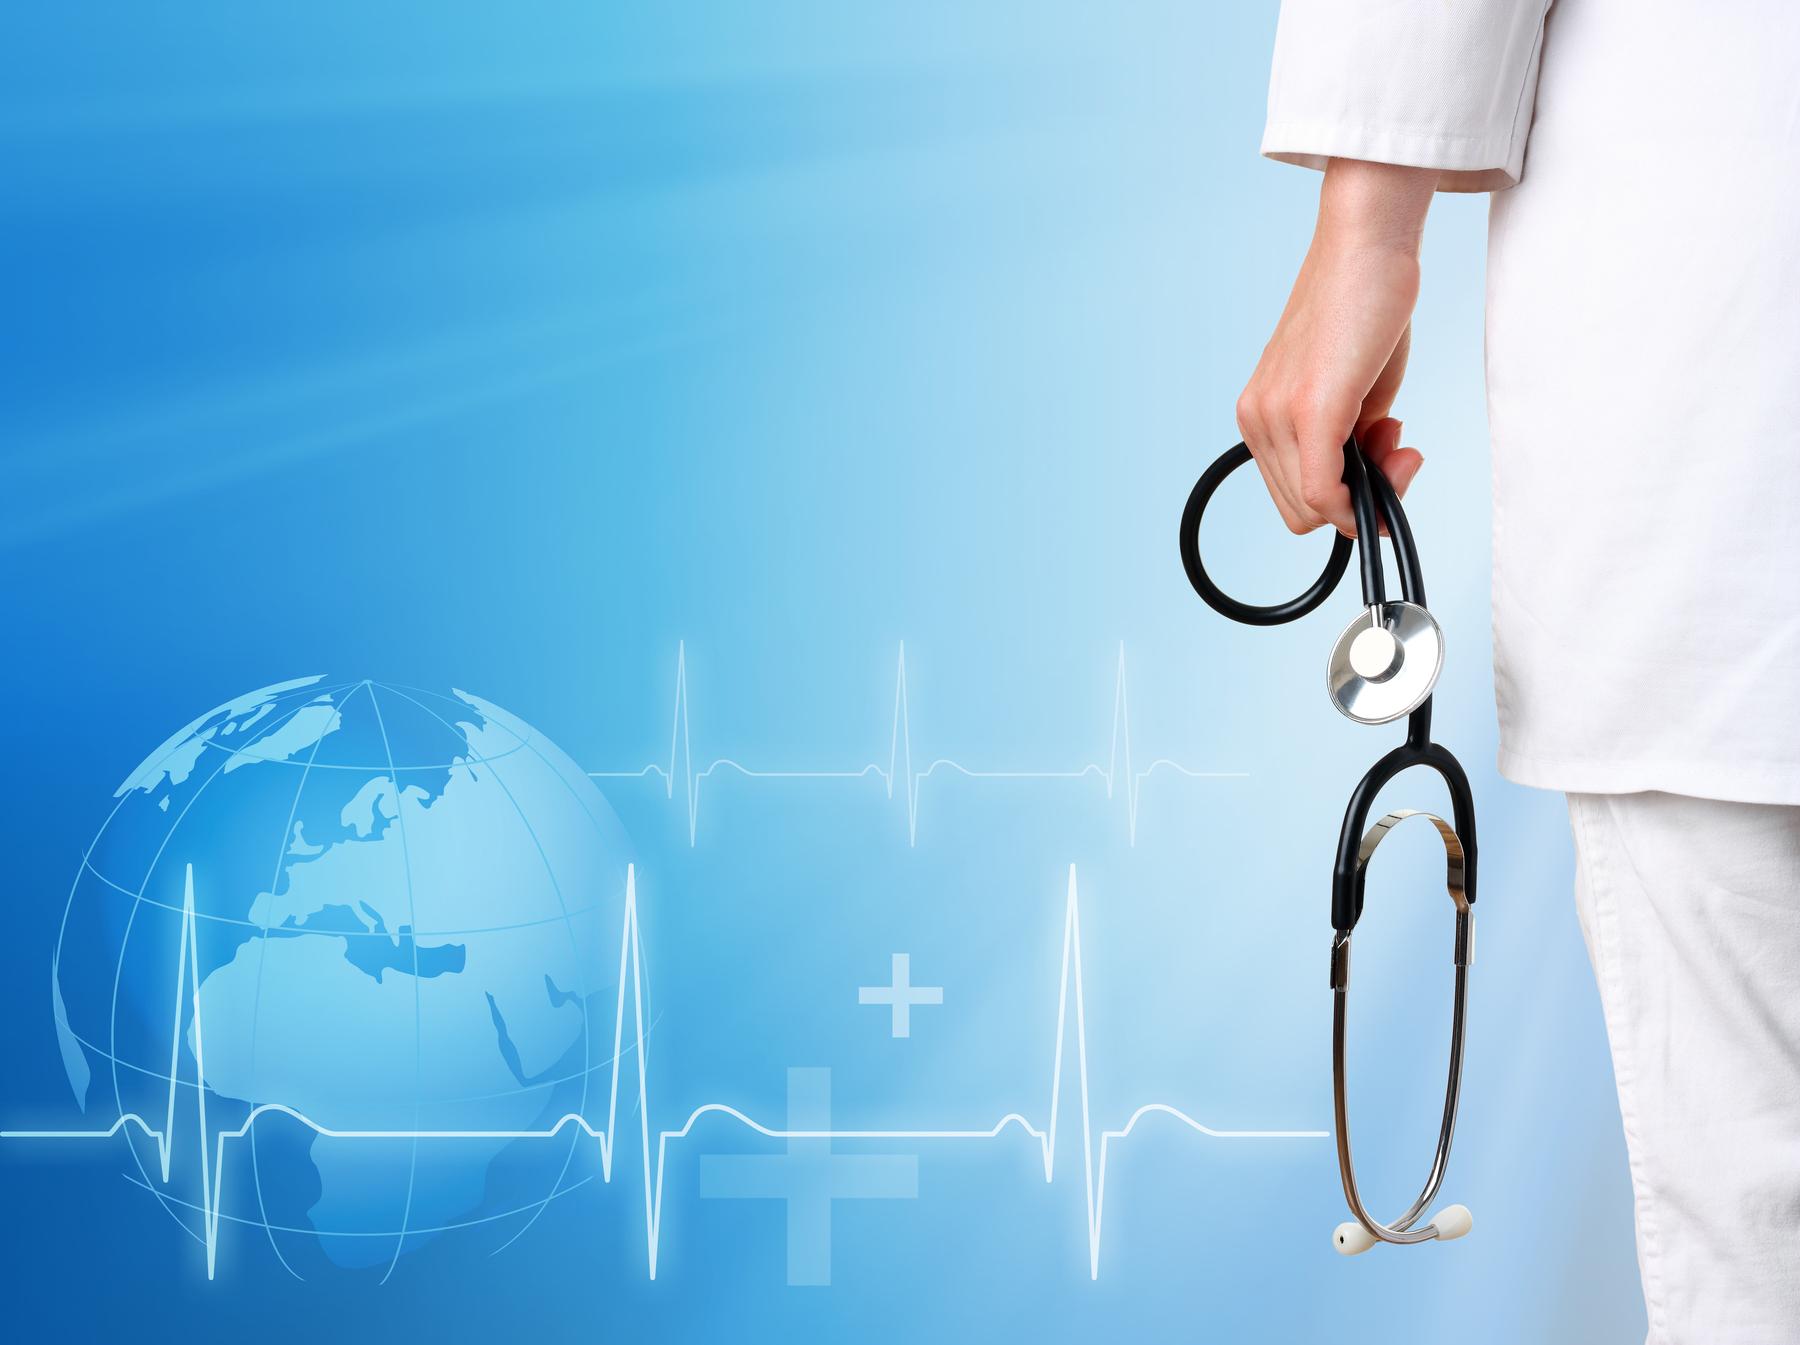 Medical Doctor Wallpaper: Medical Wallpaper Backgrounds